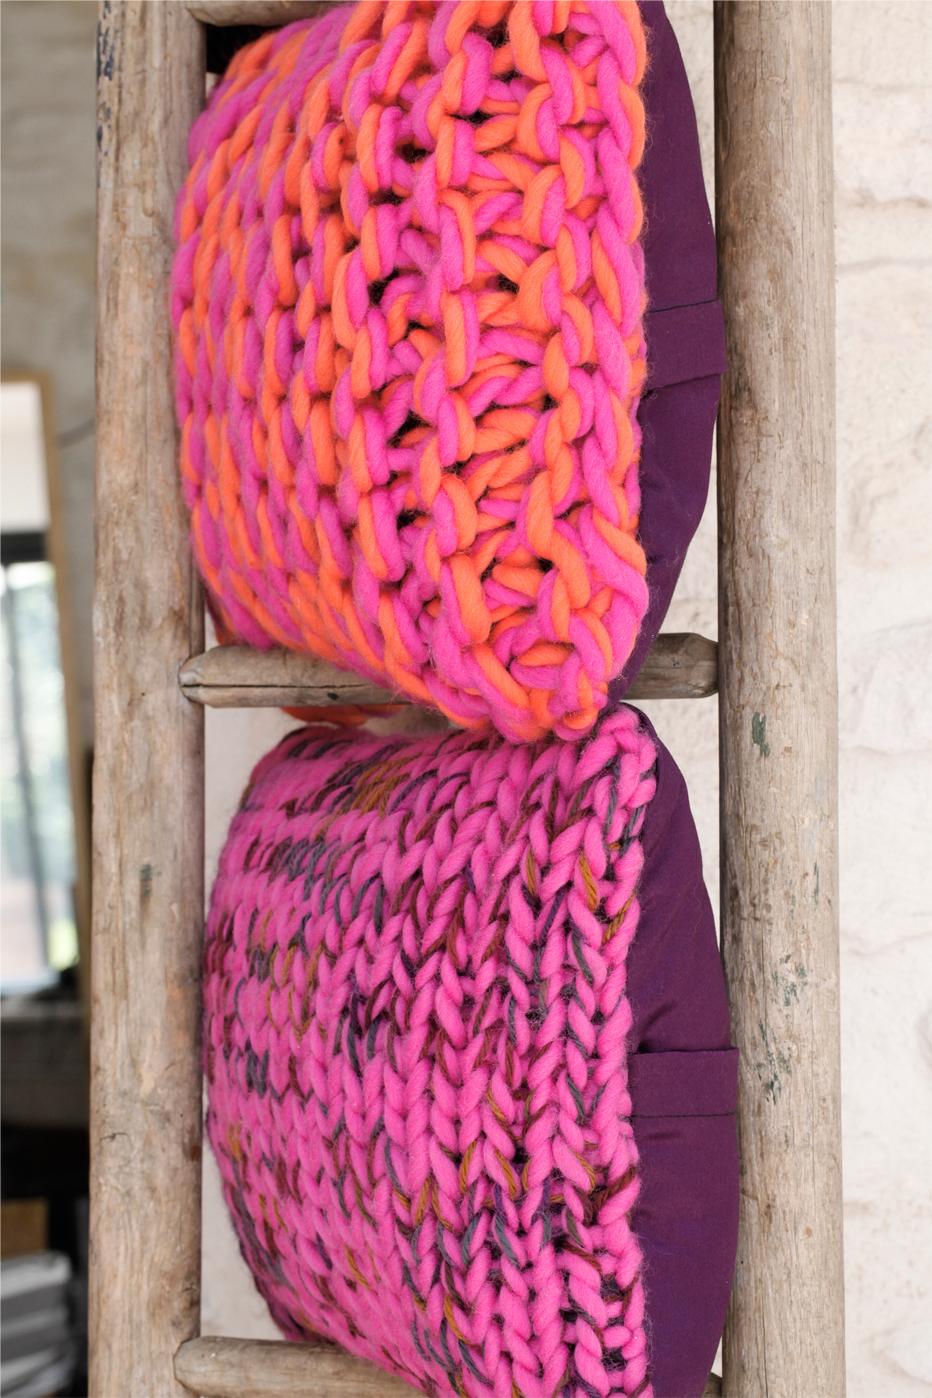 Nos coussins BONBON et FRAMBOISE en tricot de grosse laine tendance hygge (Photo Céline Serein)